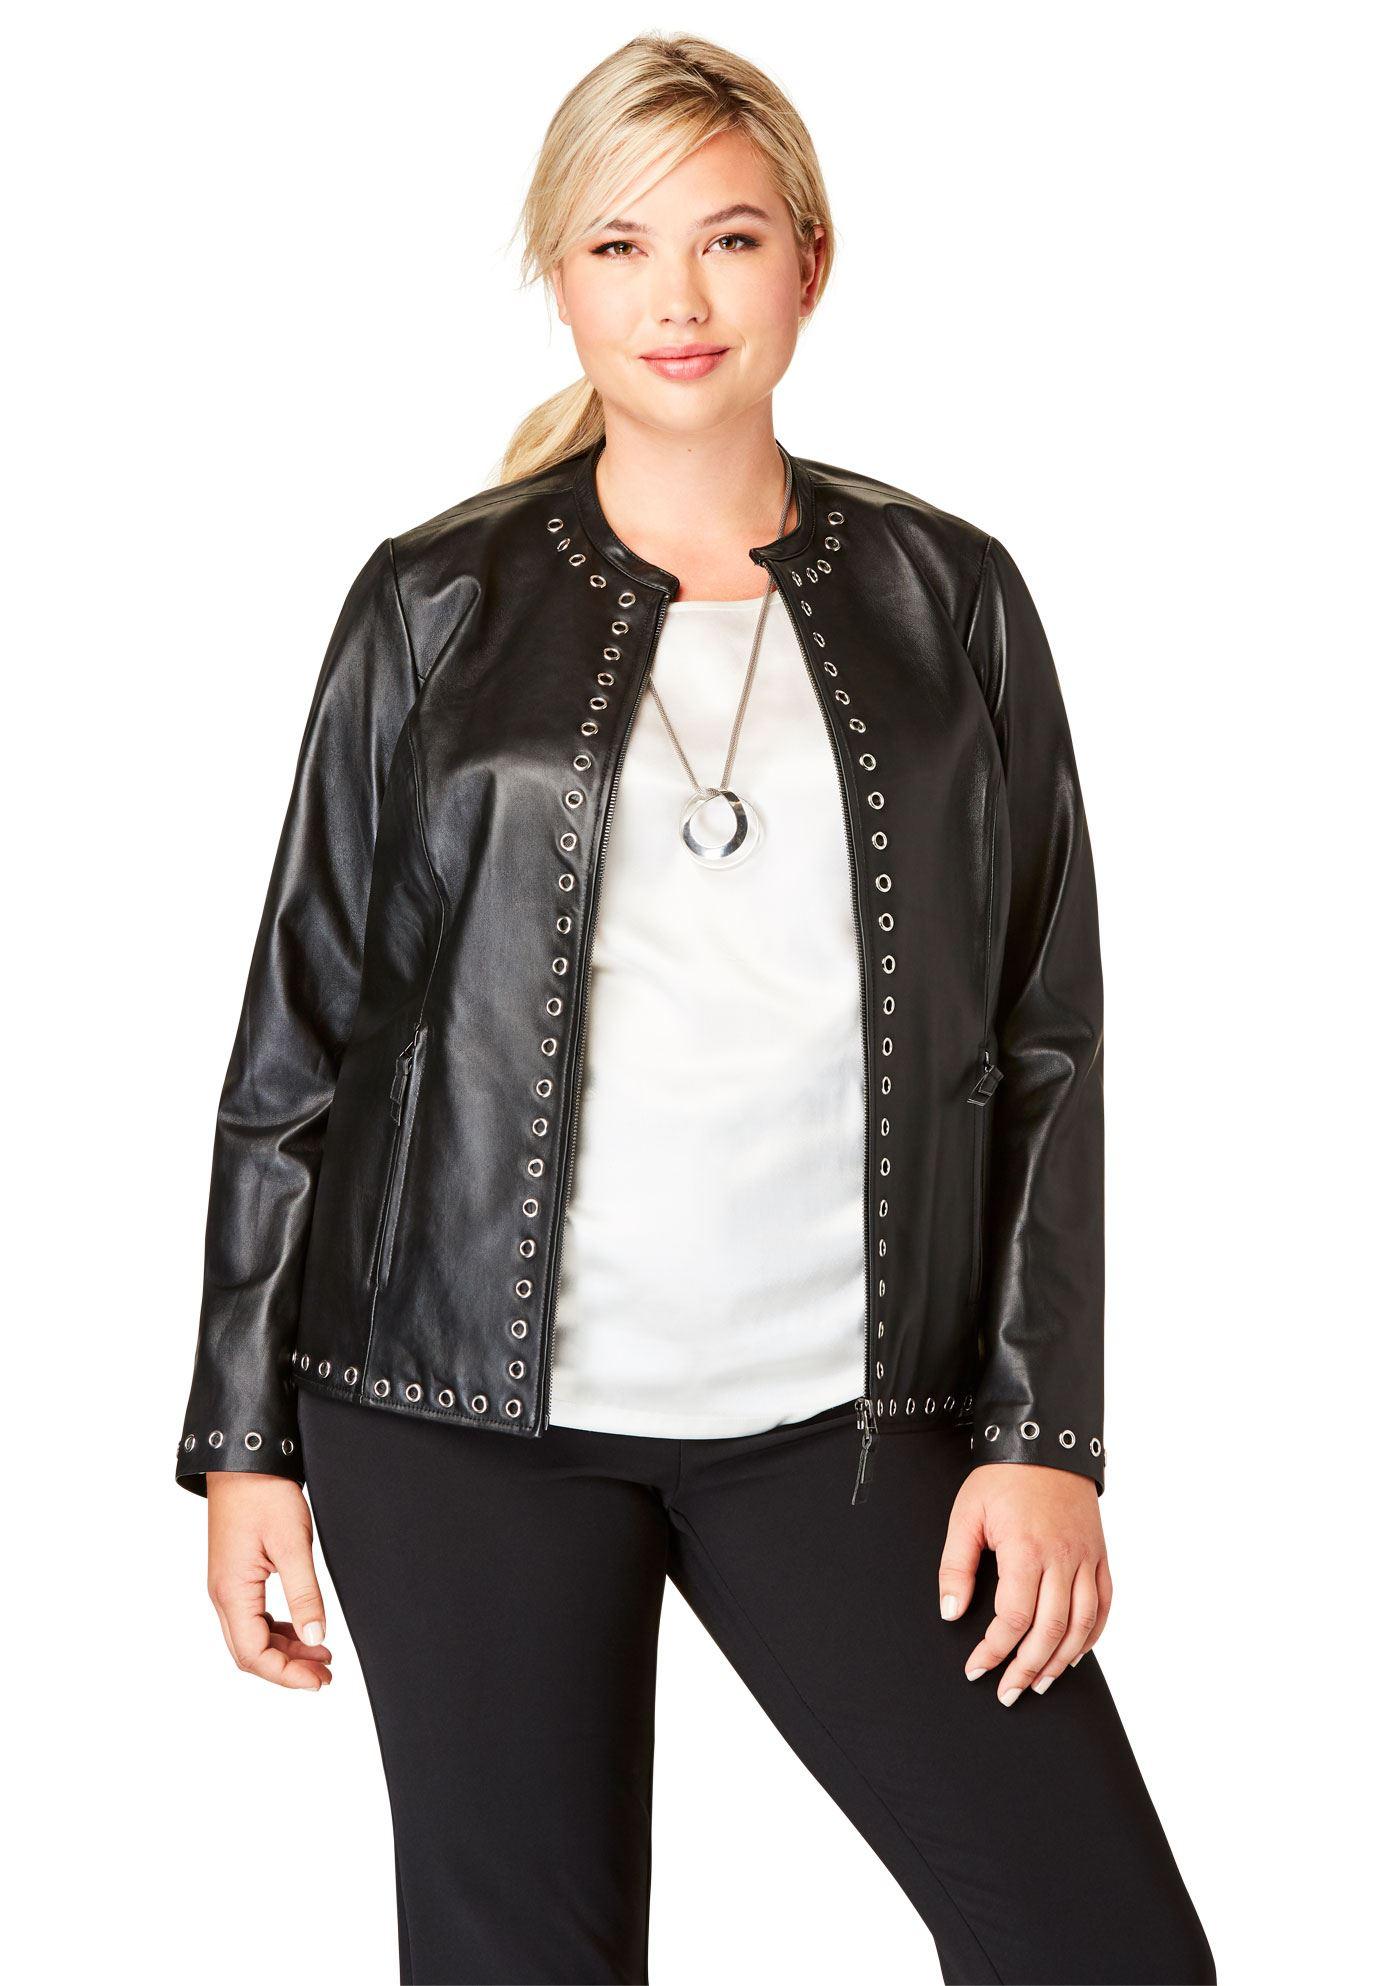 Embellished Leather Jacket Women's Plus Size Clothing